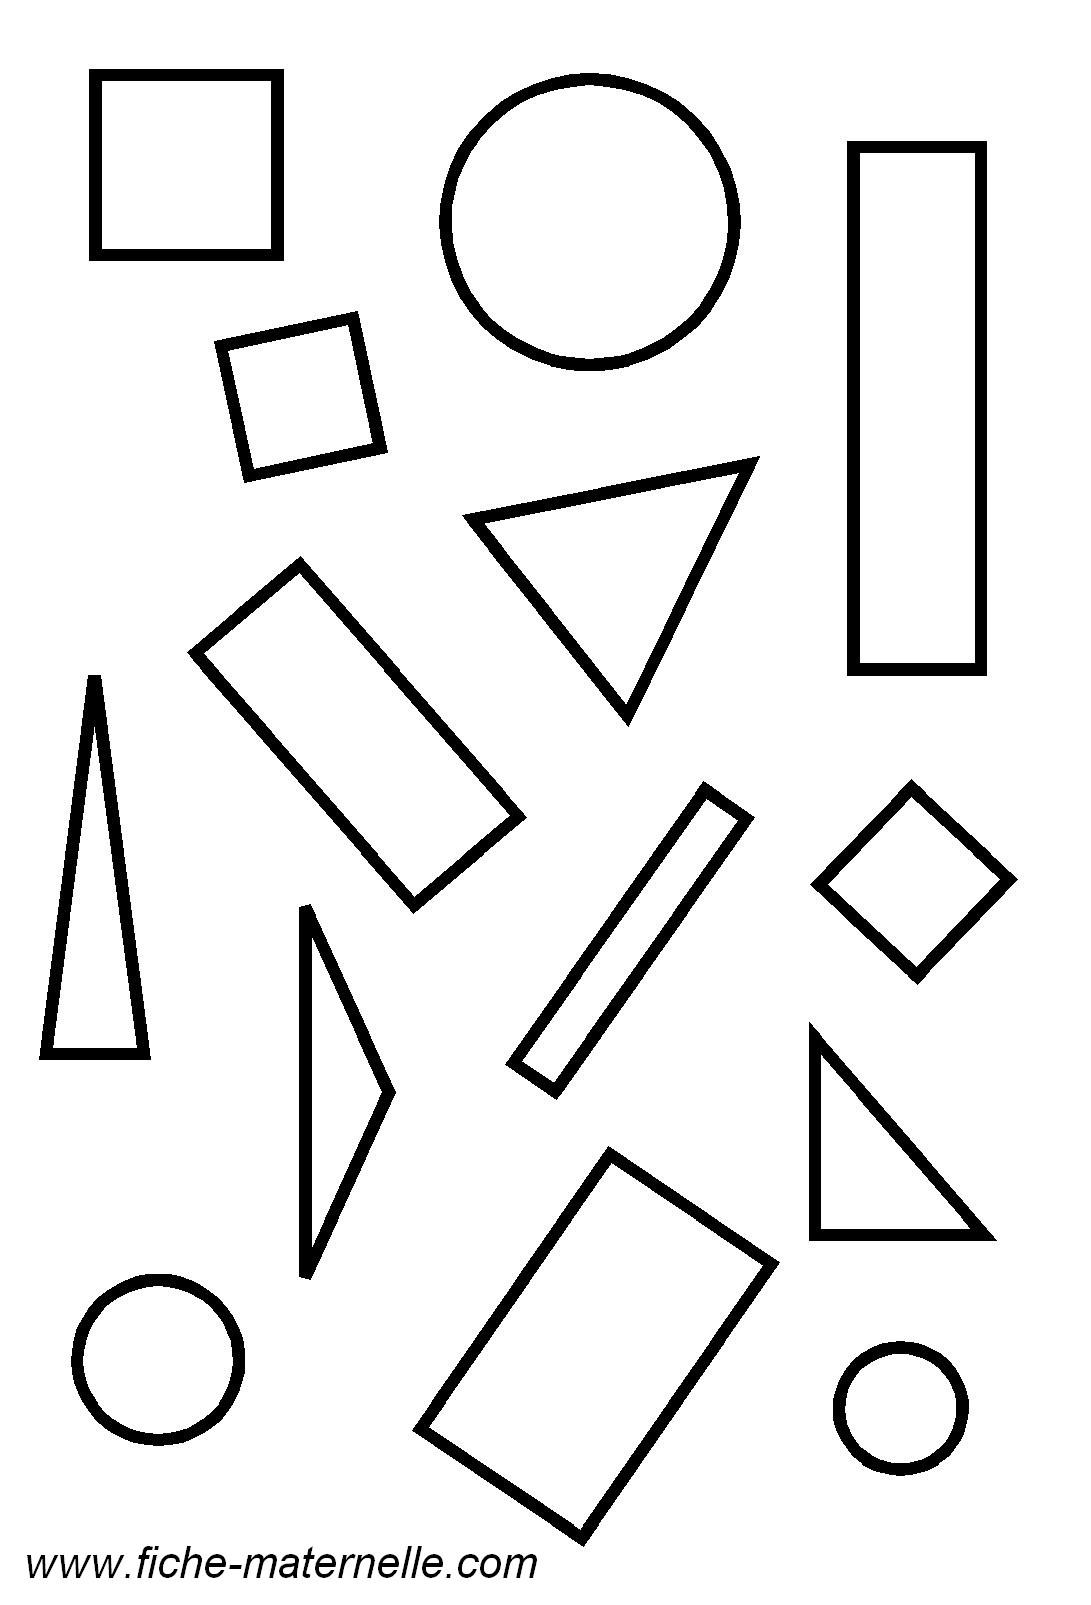 Géométrie En Maternelle : Les Figures Géométriques concernant Formes À Découper Maternelle